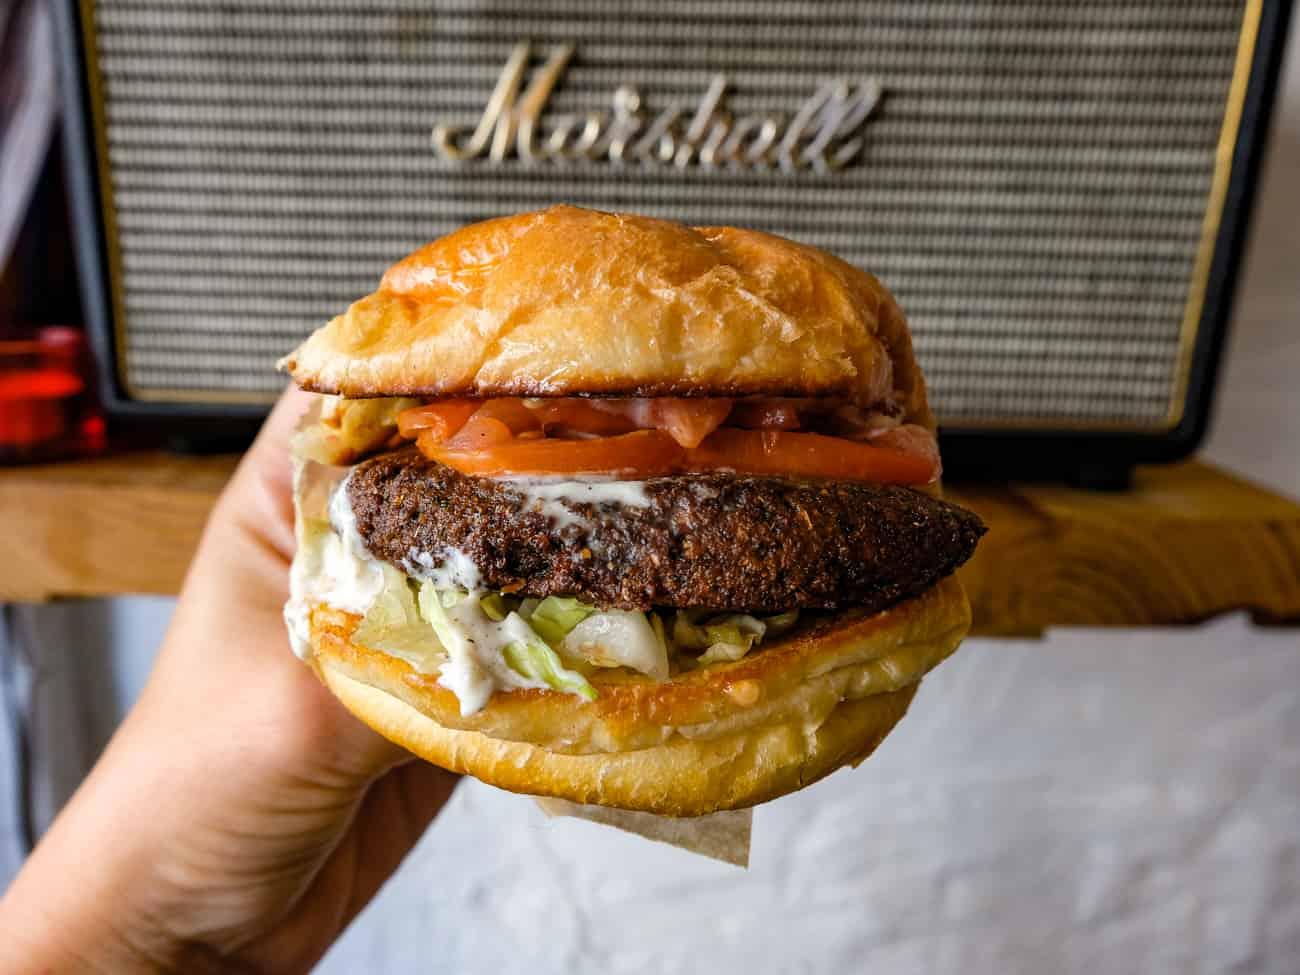 buns-paris-paris-5-burger-restaurant-7